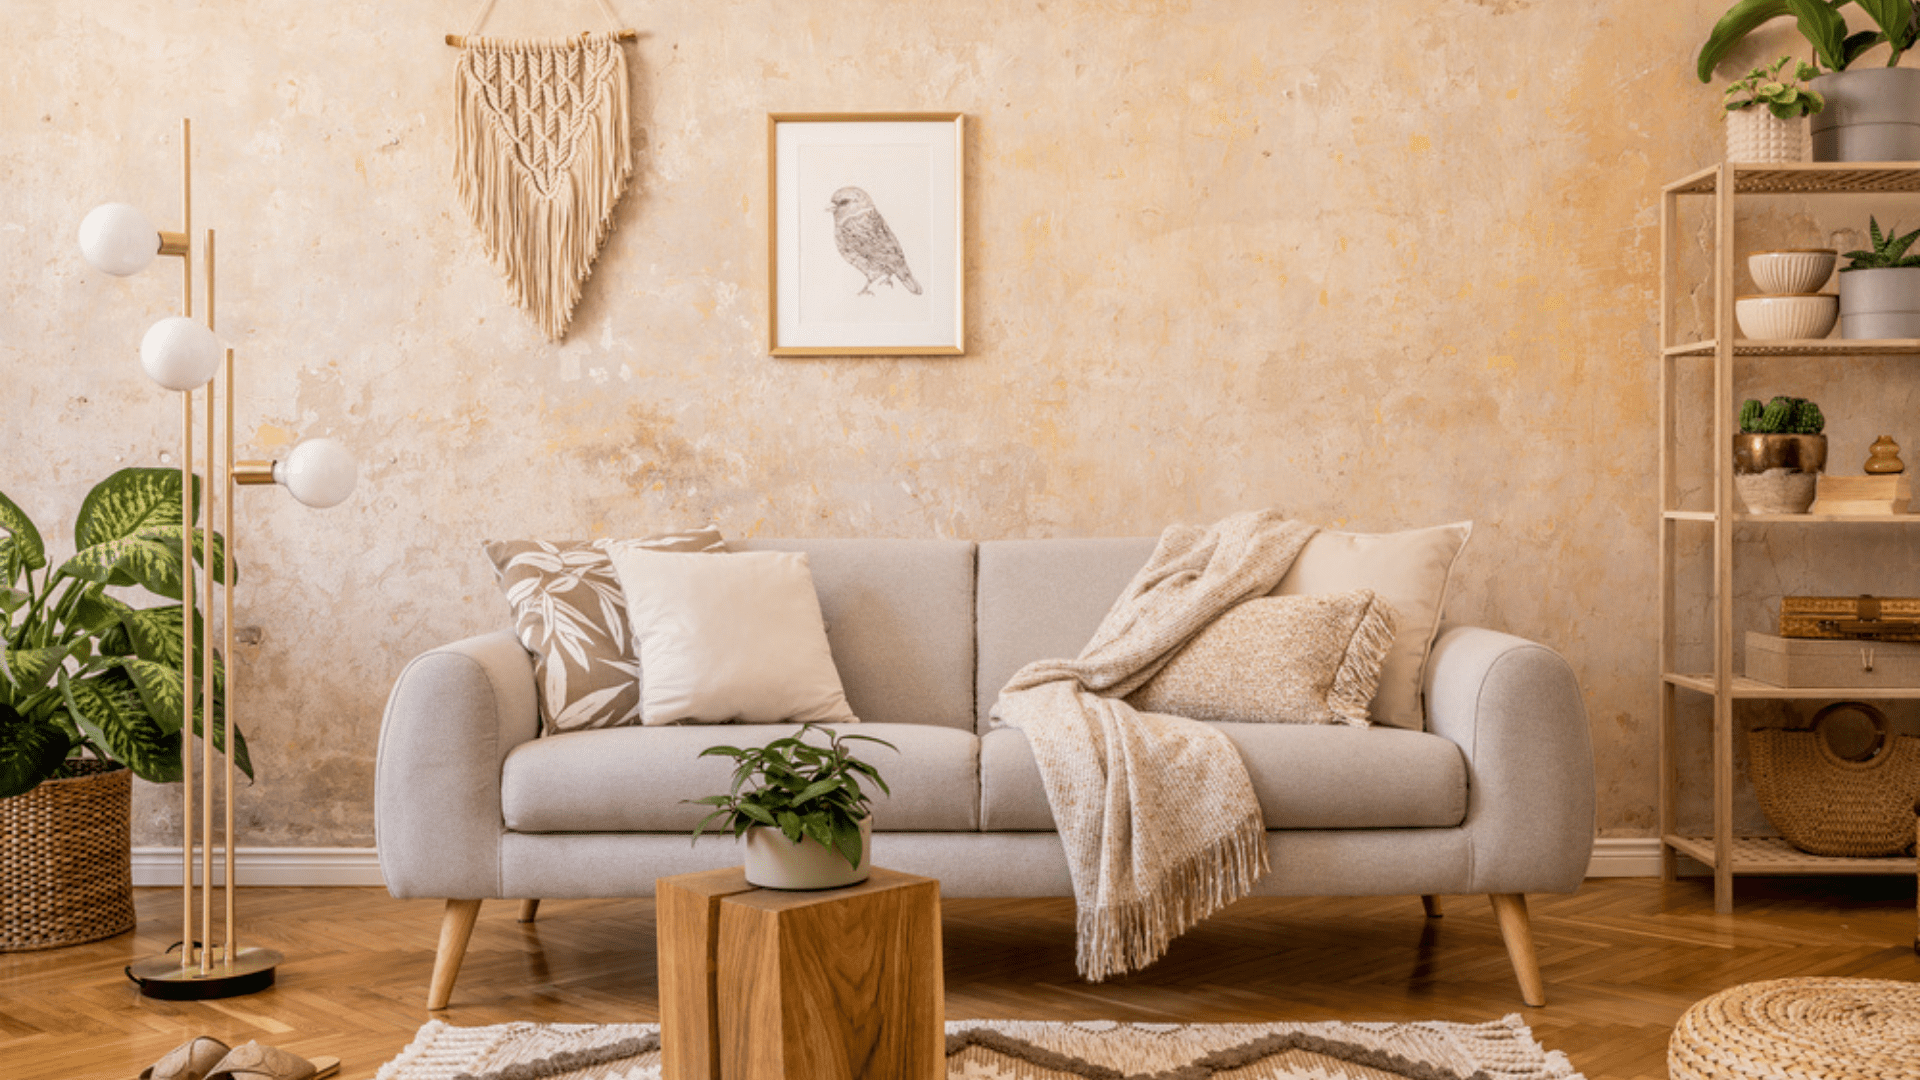 Lembre-se: menos é mais na hora da decoração (Imagem: Reprodução/Shutterstock)